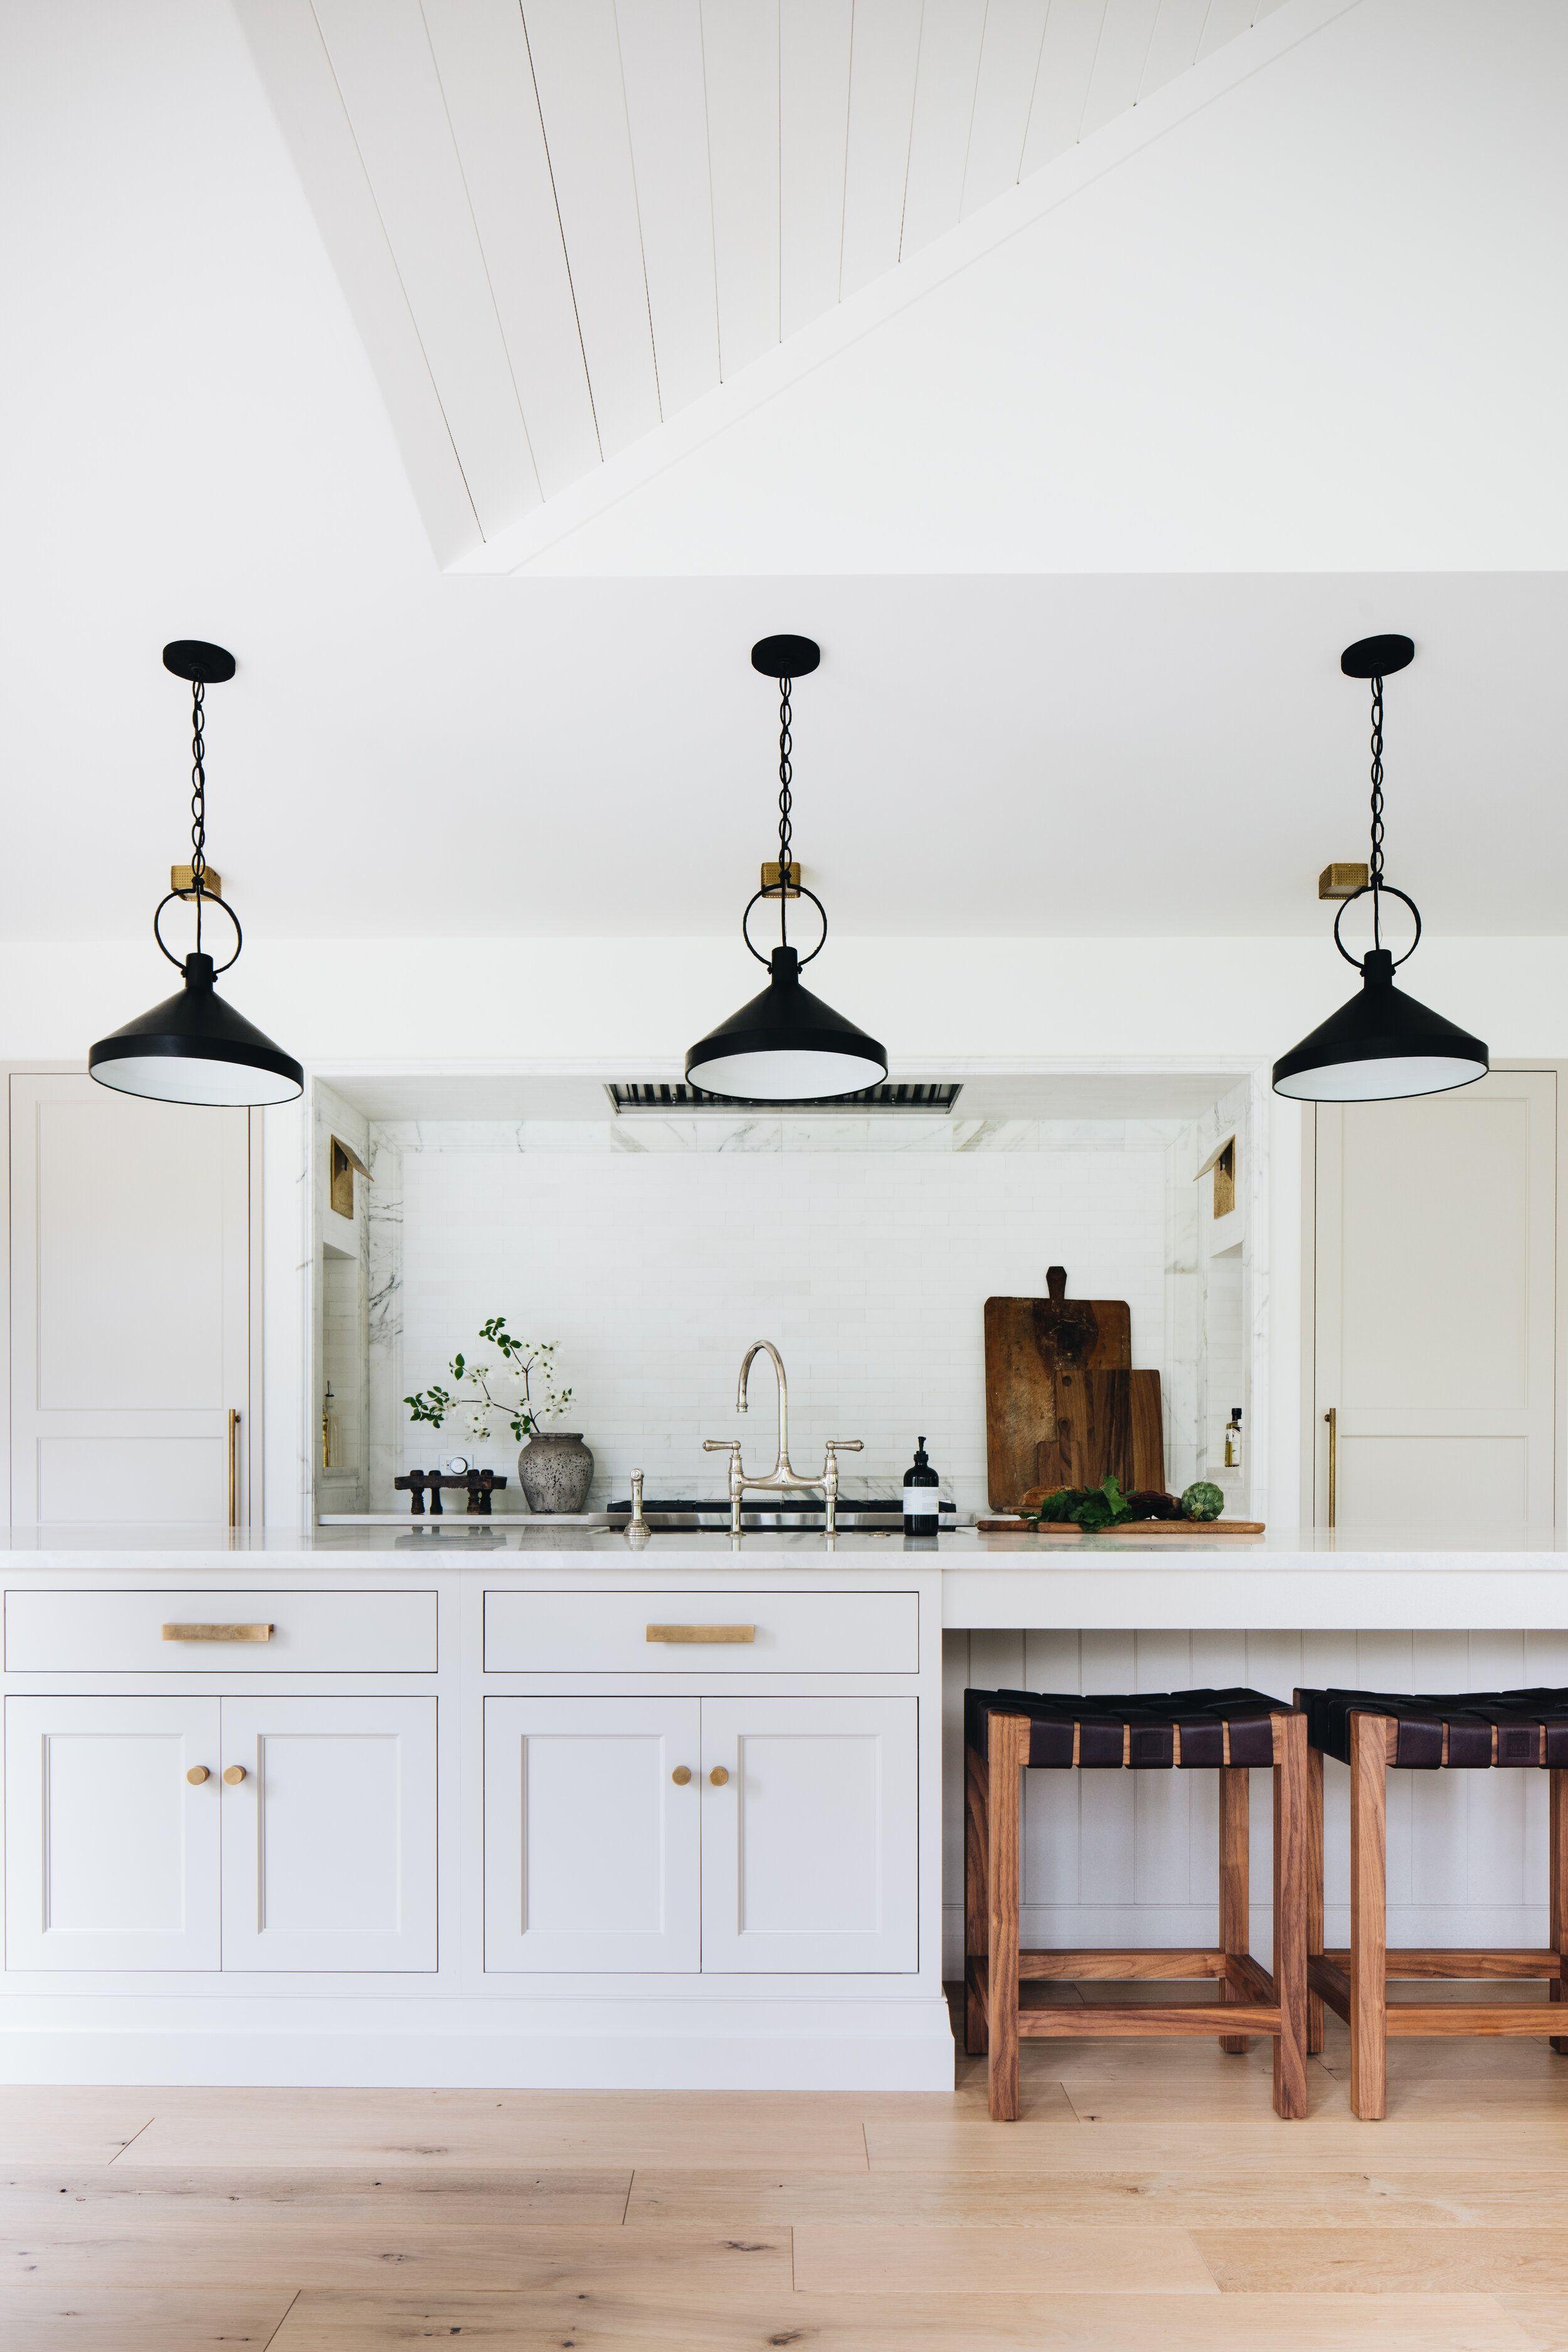 Ada Modern Classic Jean Stoffer Design In 2020 Classic Kitchen Cabinets Kitchen Cabinet Colors Classic Kitchens